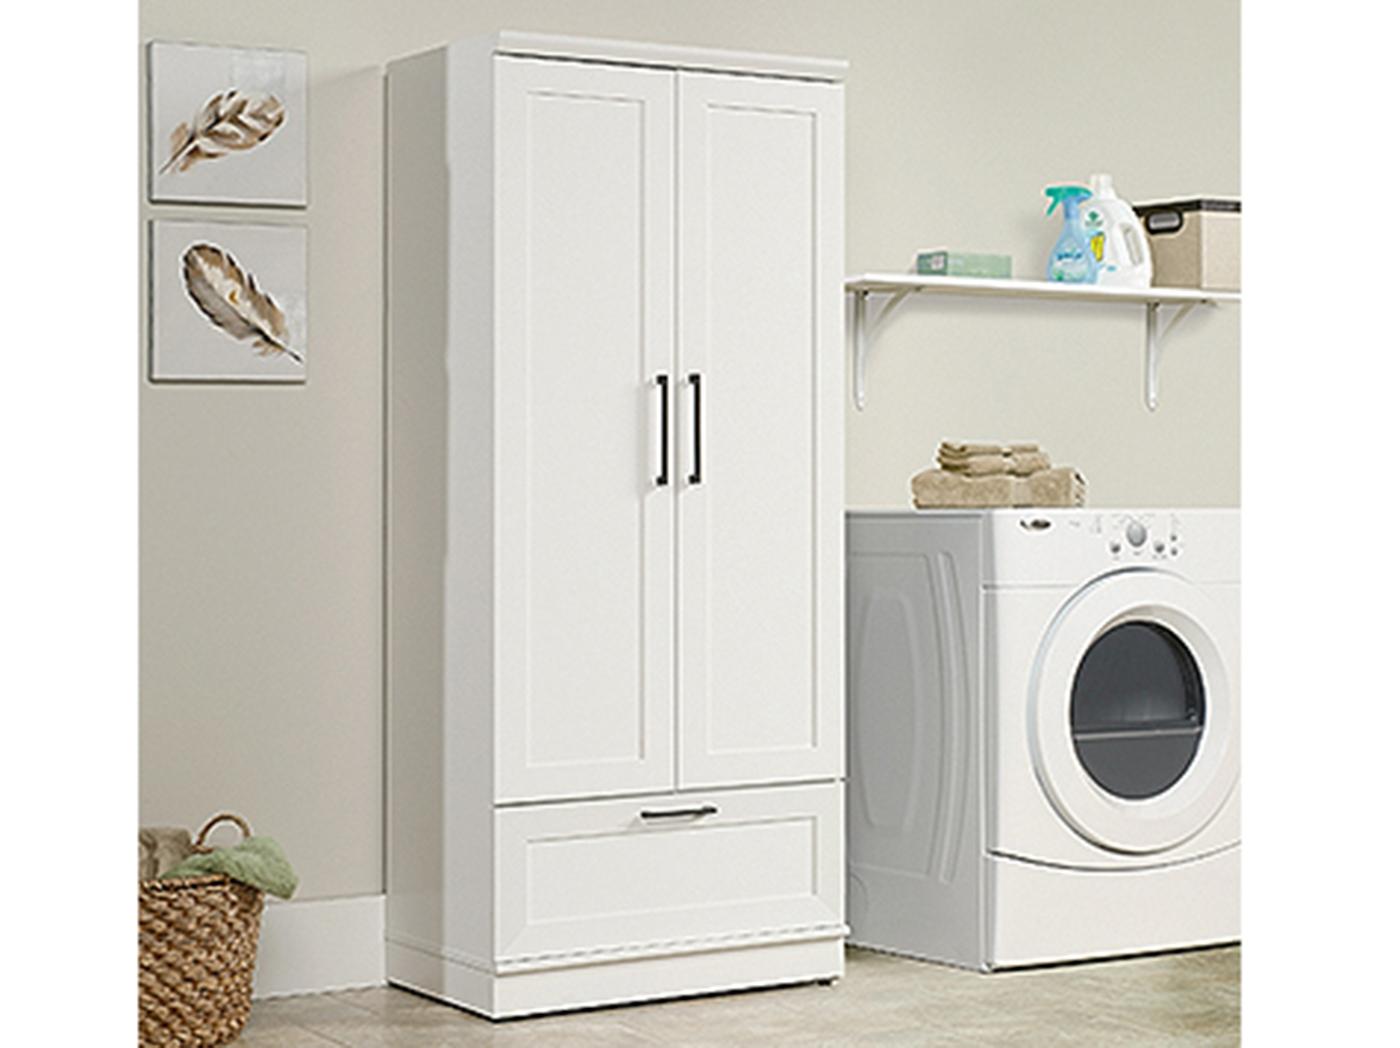 Steinhafels Appliances Part - 18: Wardrobe Storage Cabinet